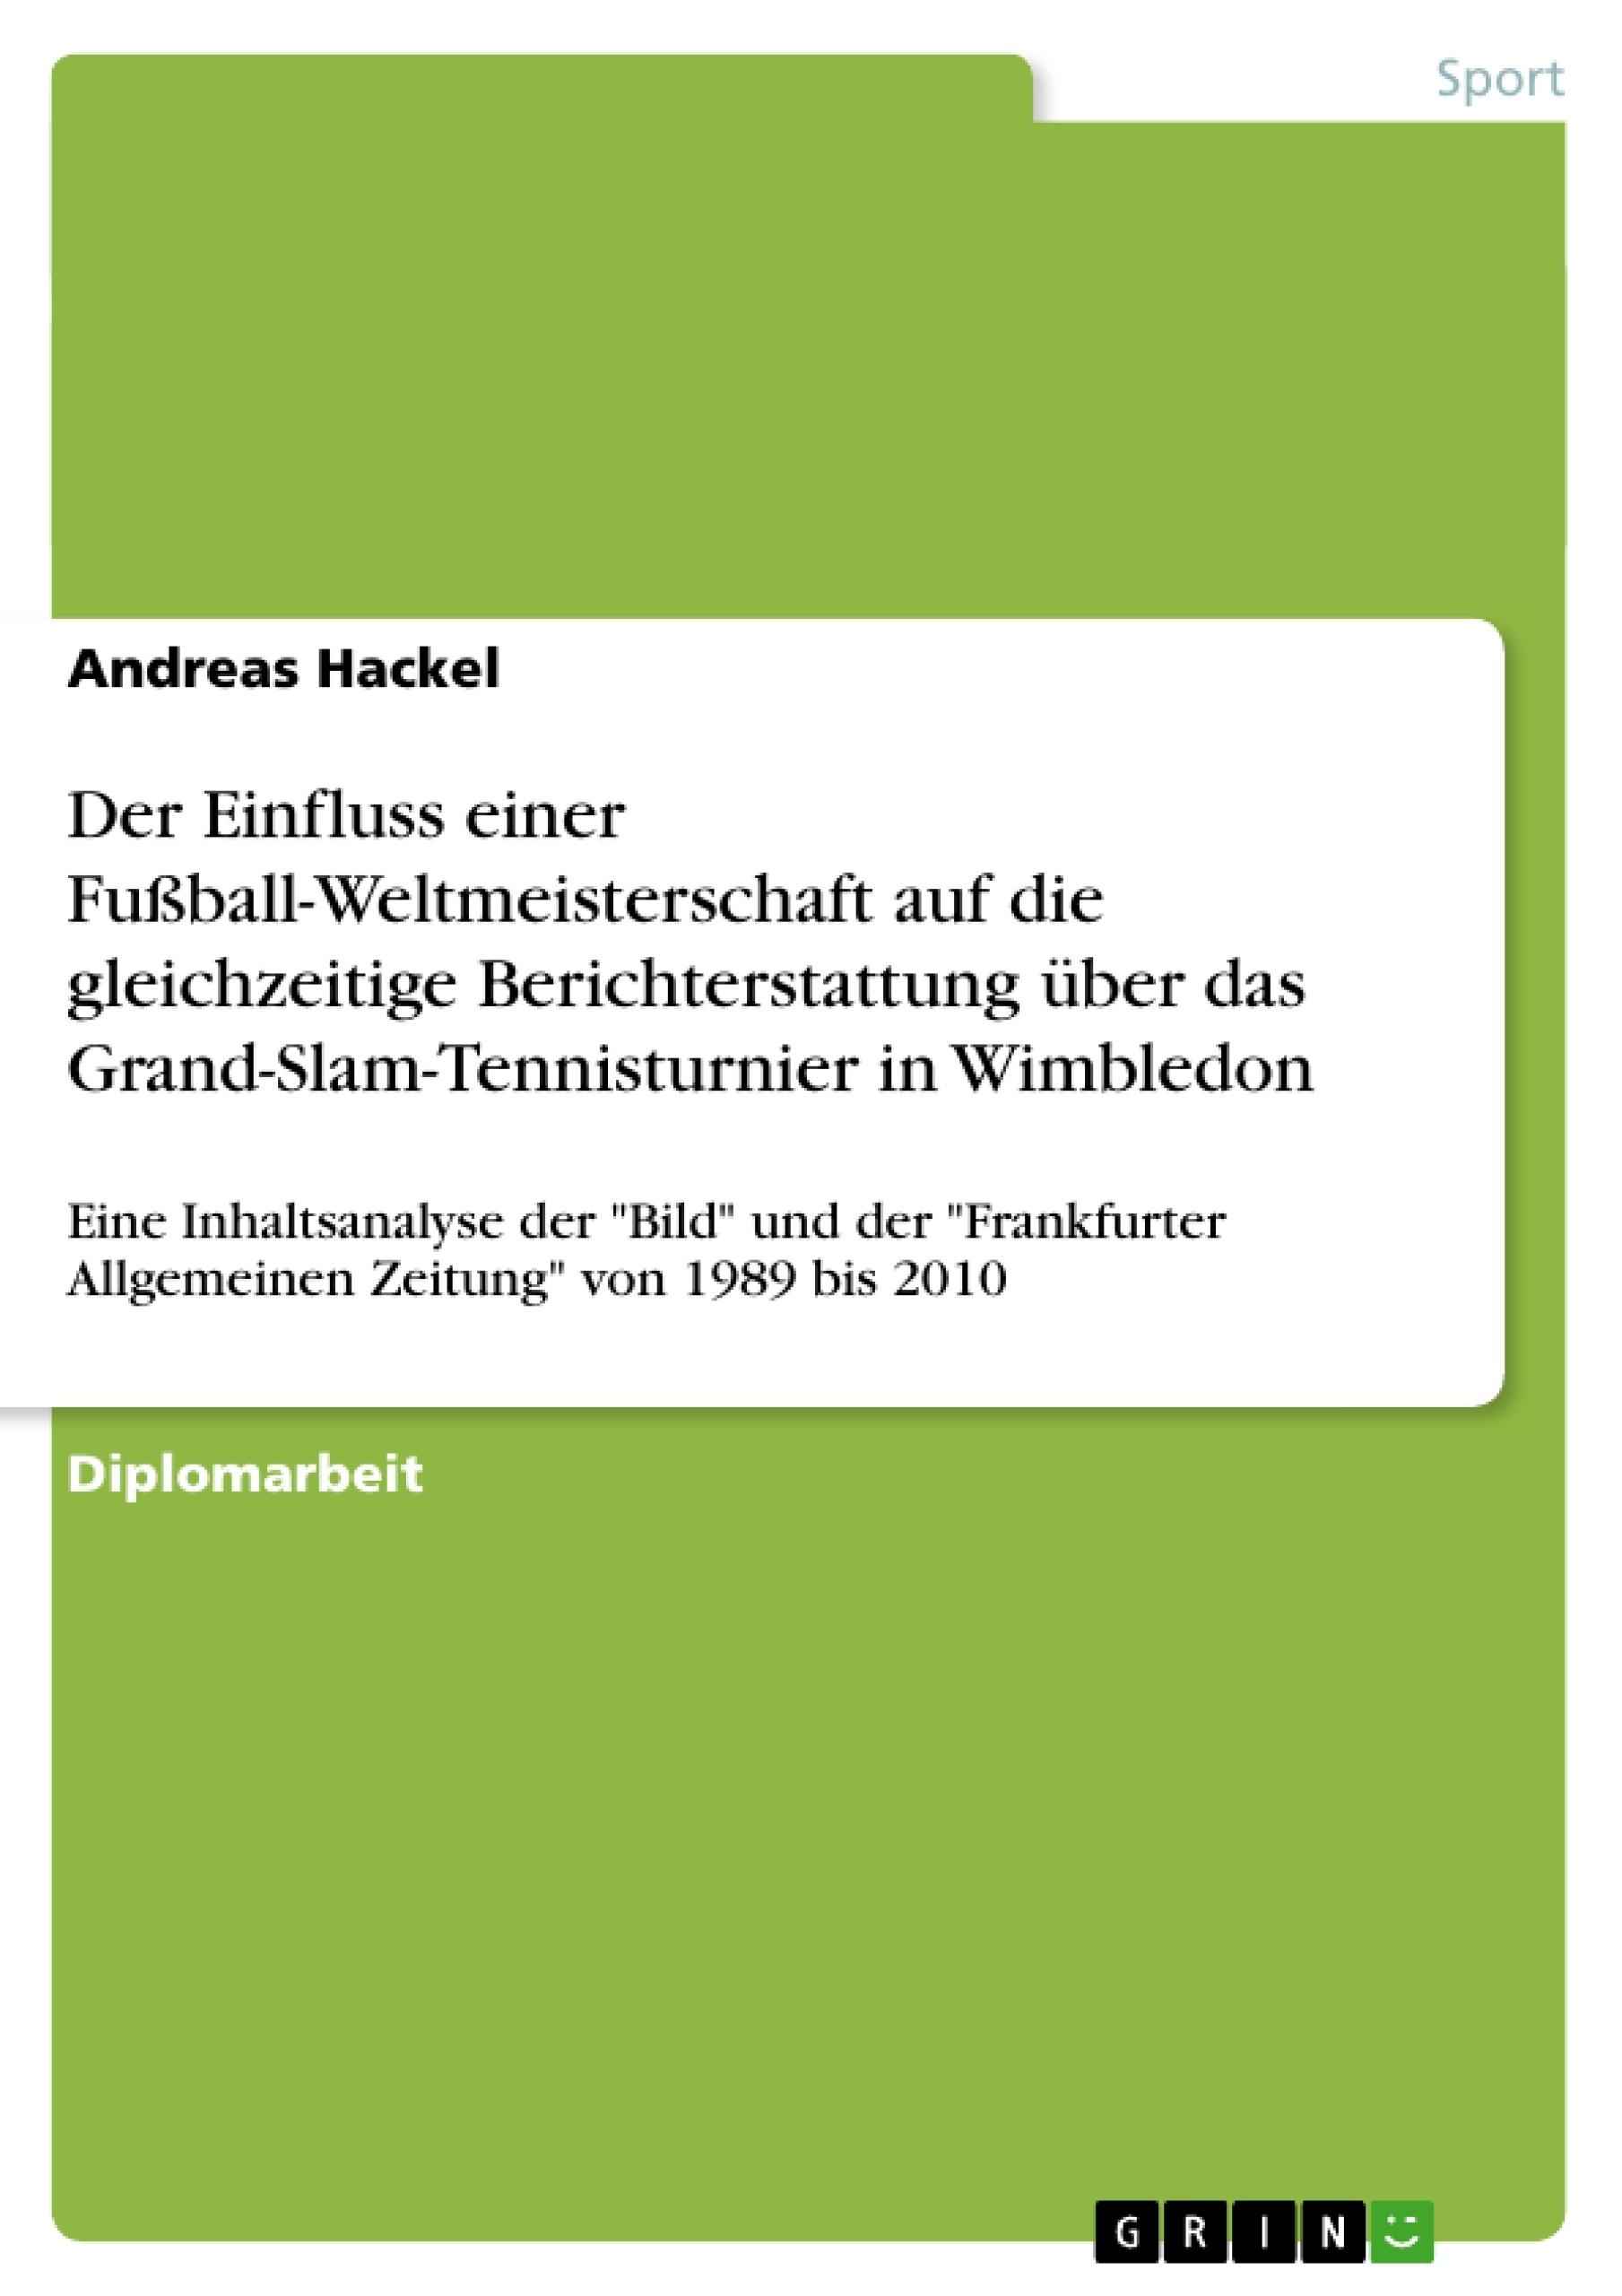 Titel: Der Einfluss einer Fußball-Weltmeisterschaft auf die gleichzeitige Berichterstattung über das Grand-Slam-Tennisturnier in Wimbledon